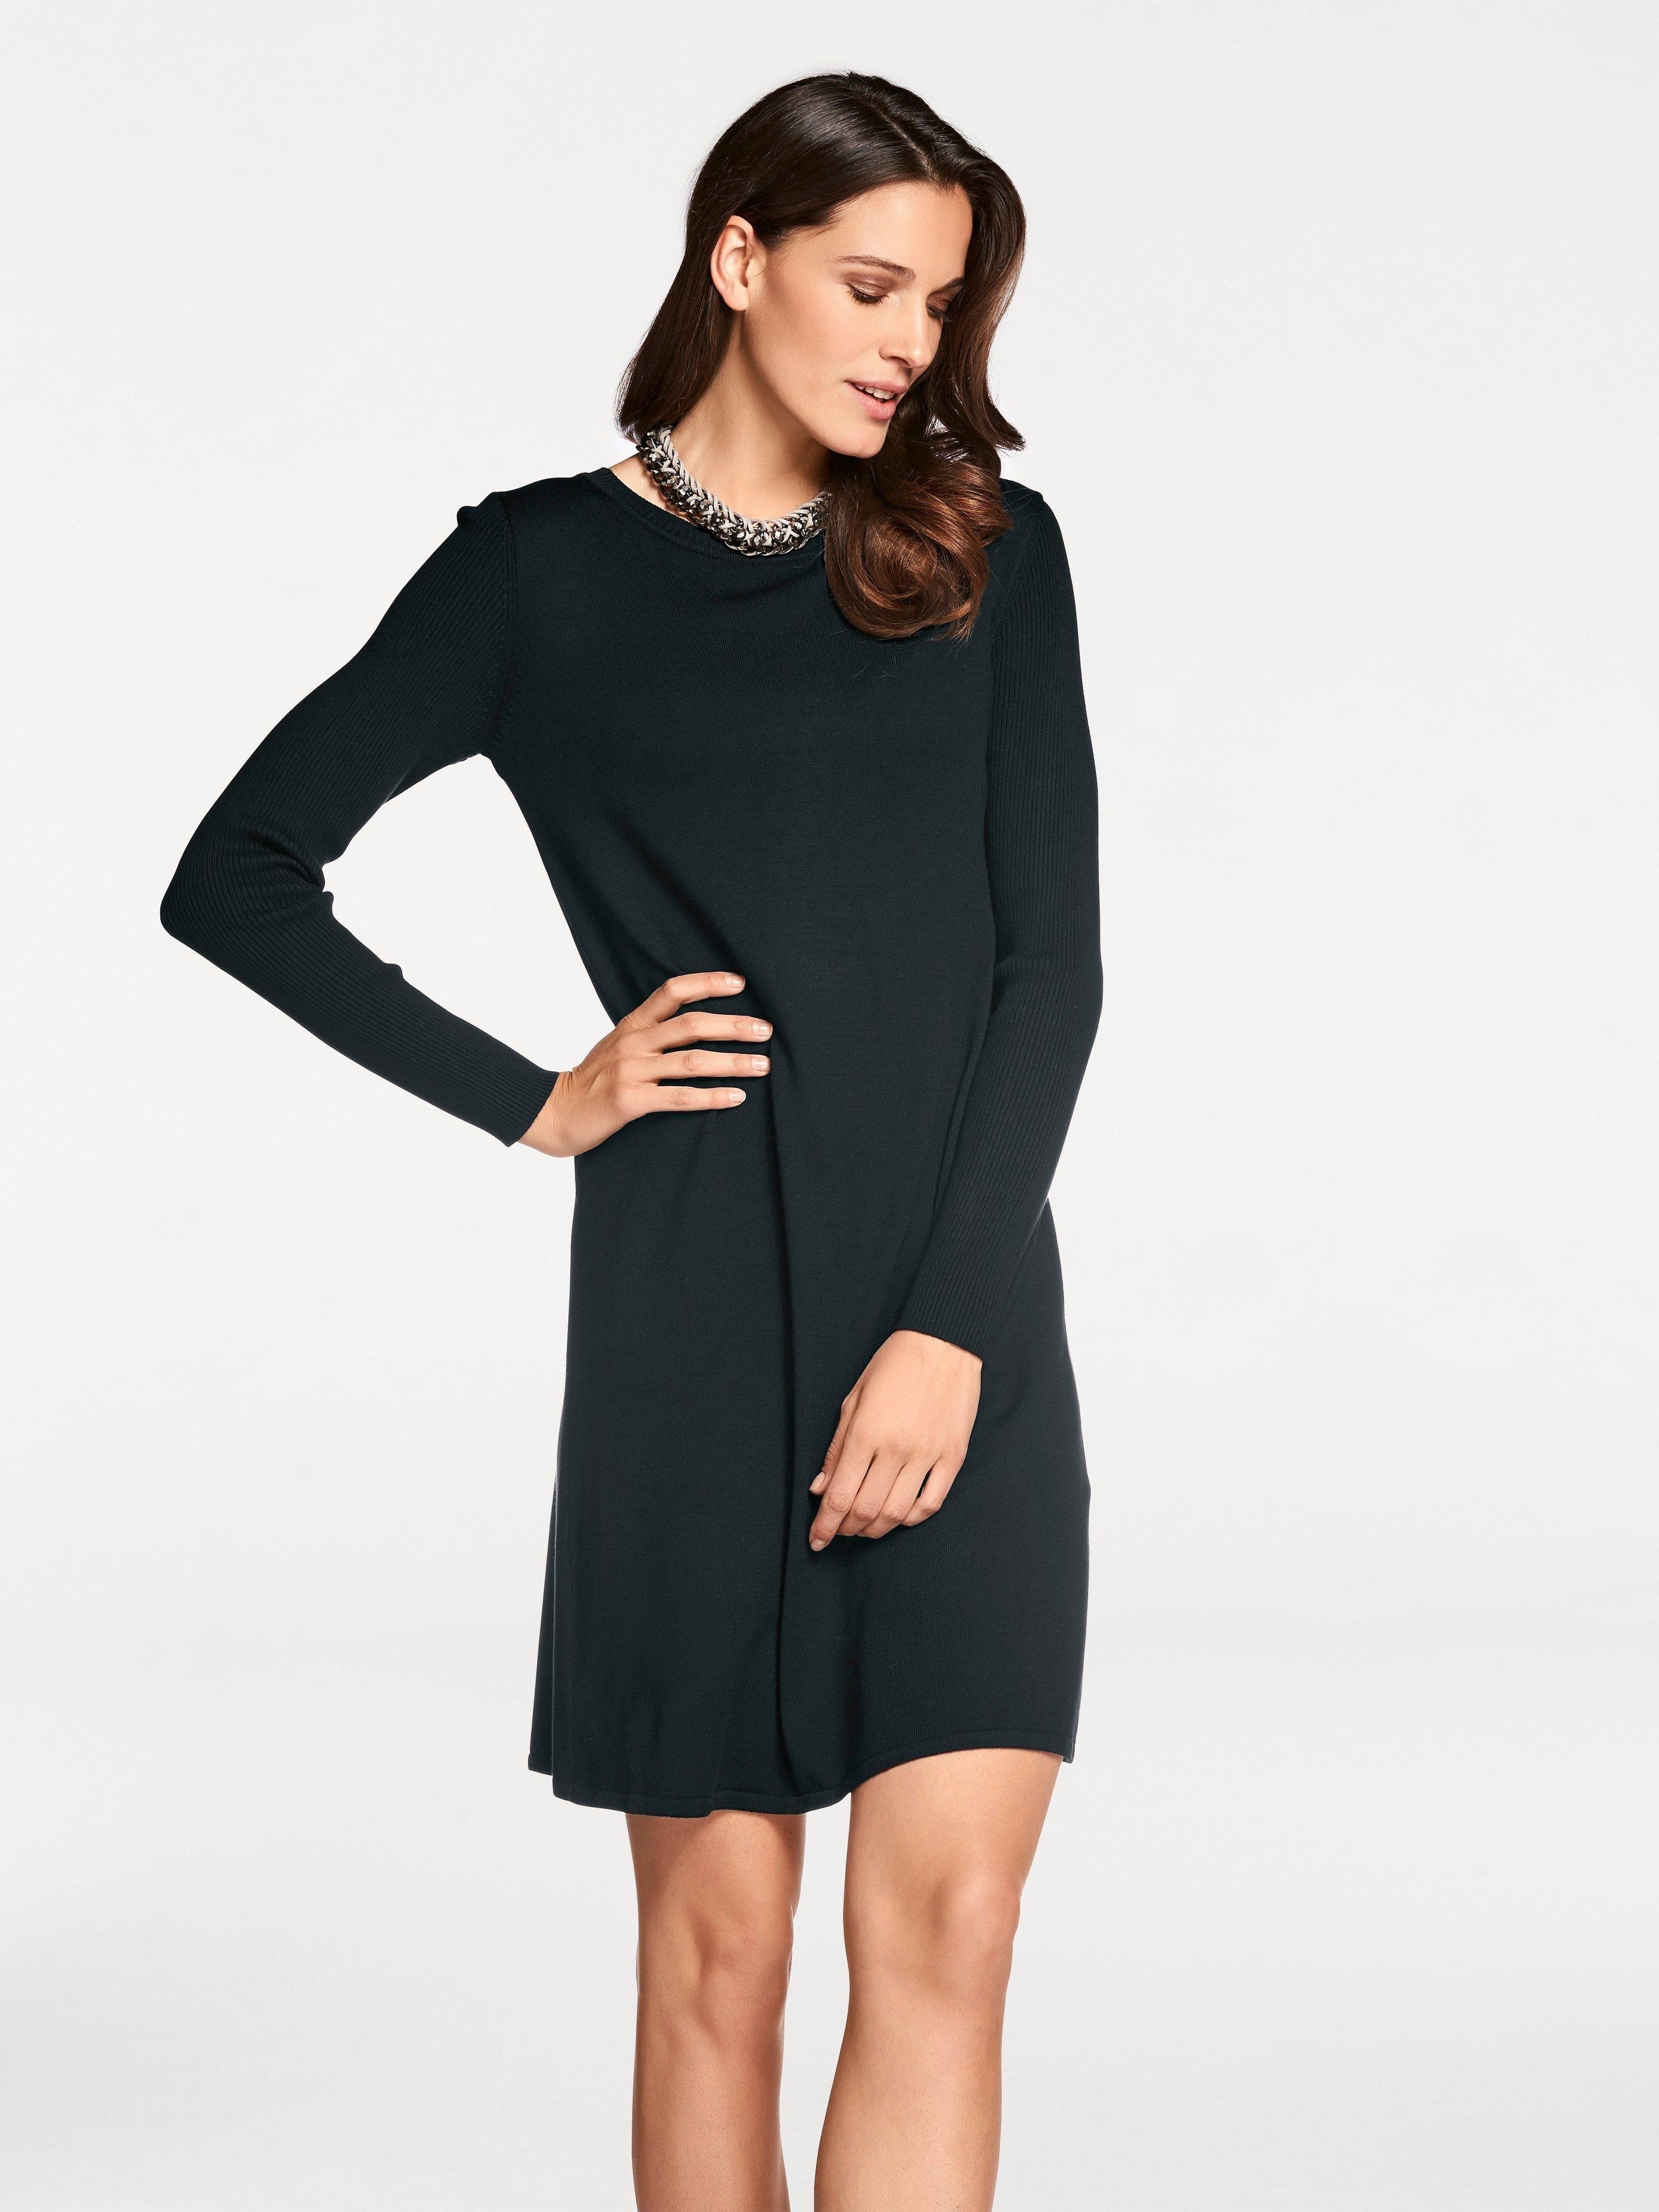 17 Fantastisch Heine Damen Kleider für 201913 Luxurius Heine Damen Kleider Design